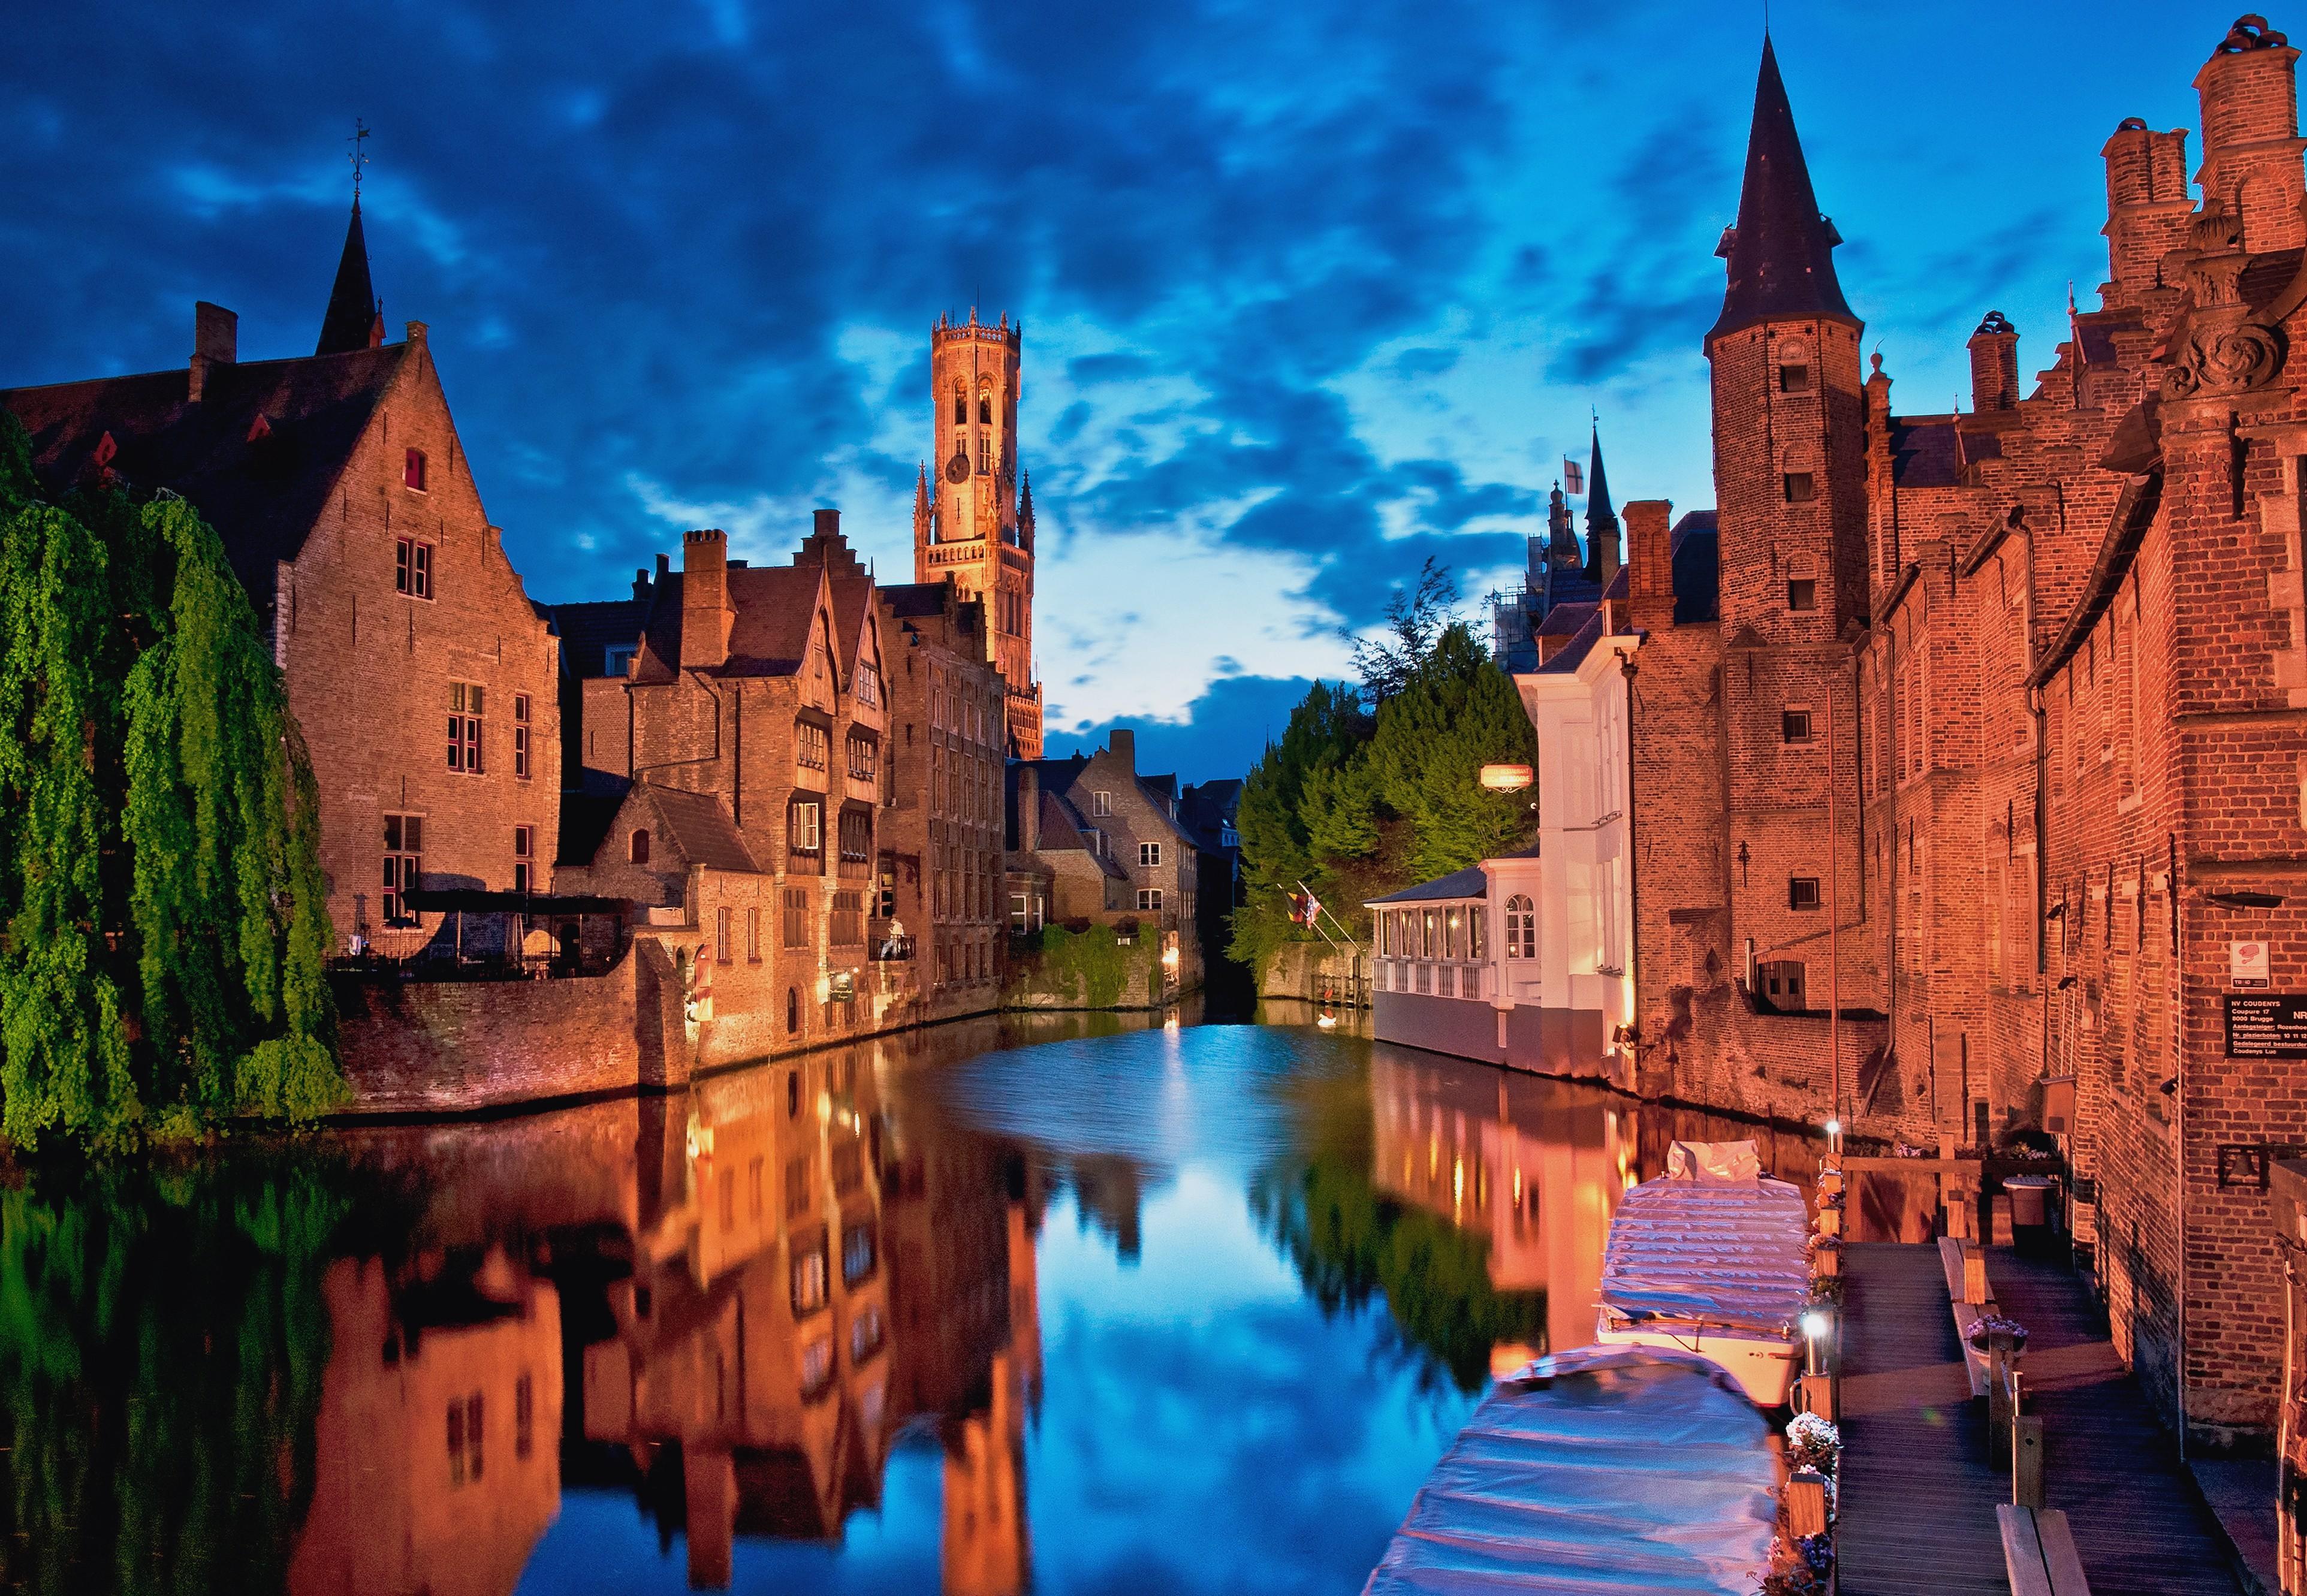 Bruges Wallpaper 11   3849 X 2663 stmednet 3849x2663